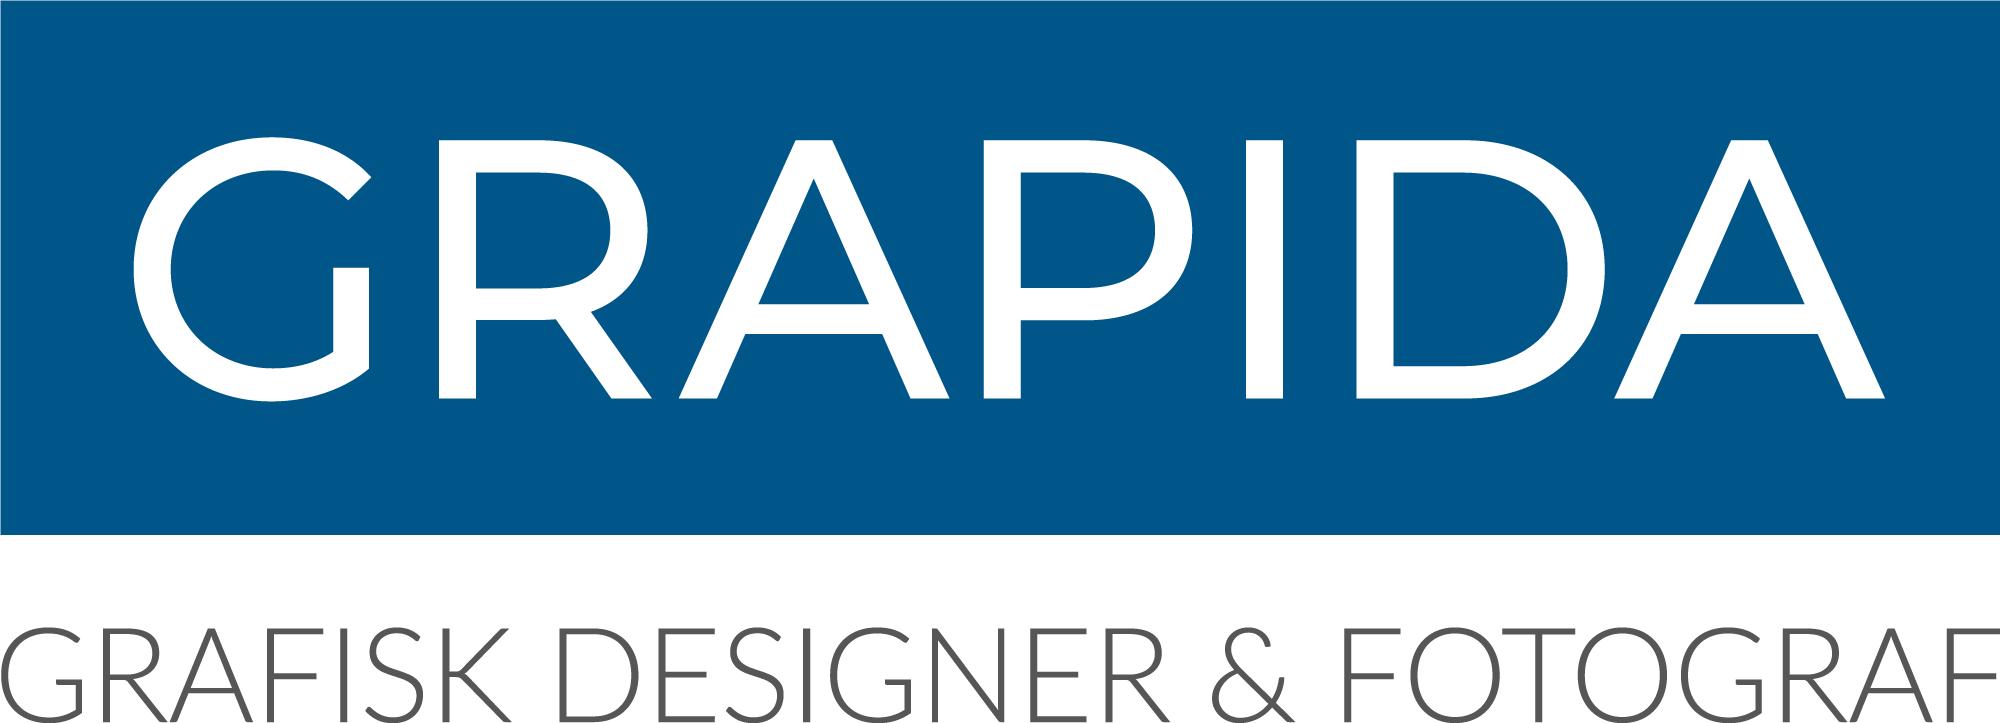 Grapida logo